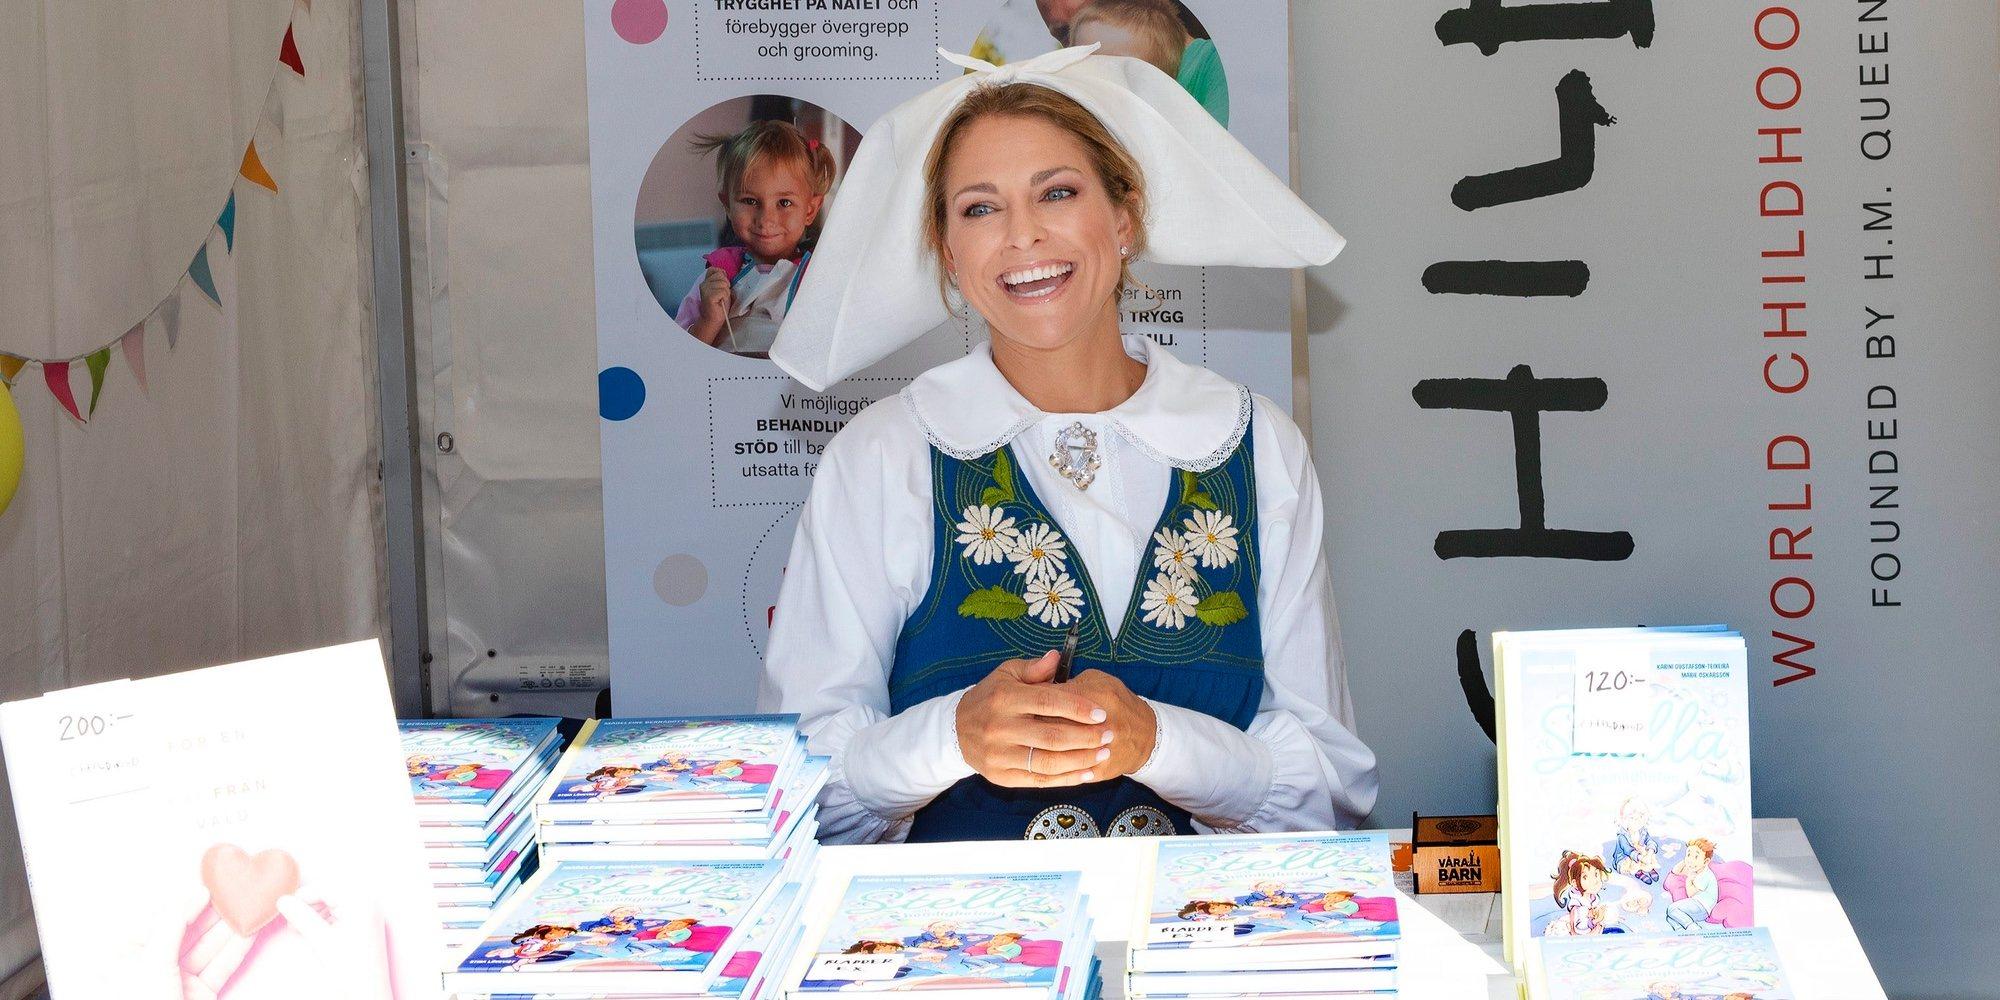 La sorpresa de Silvia de Suecia a su hija Magdalena de Suecia cuando firmaba su libro 'Stella y el secreto'